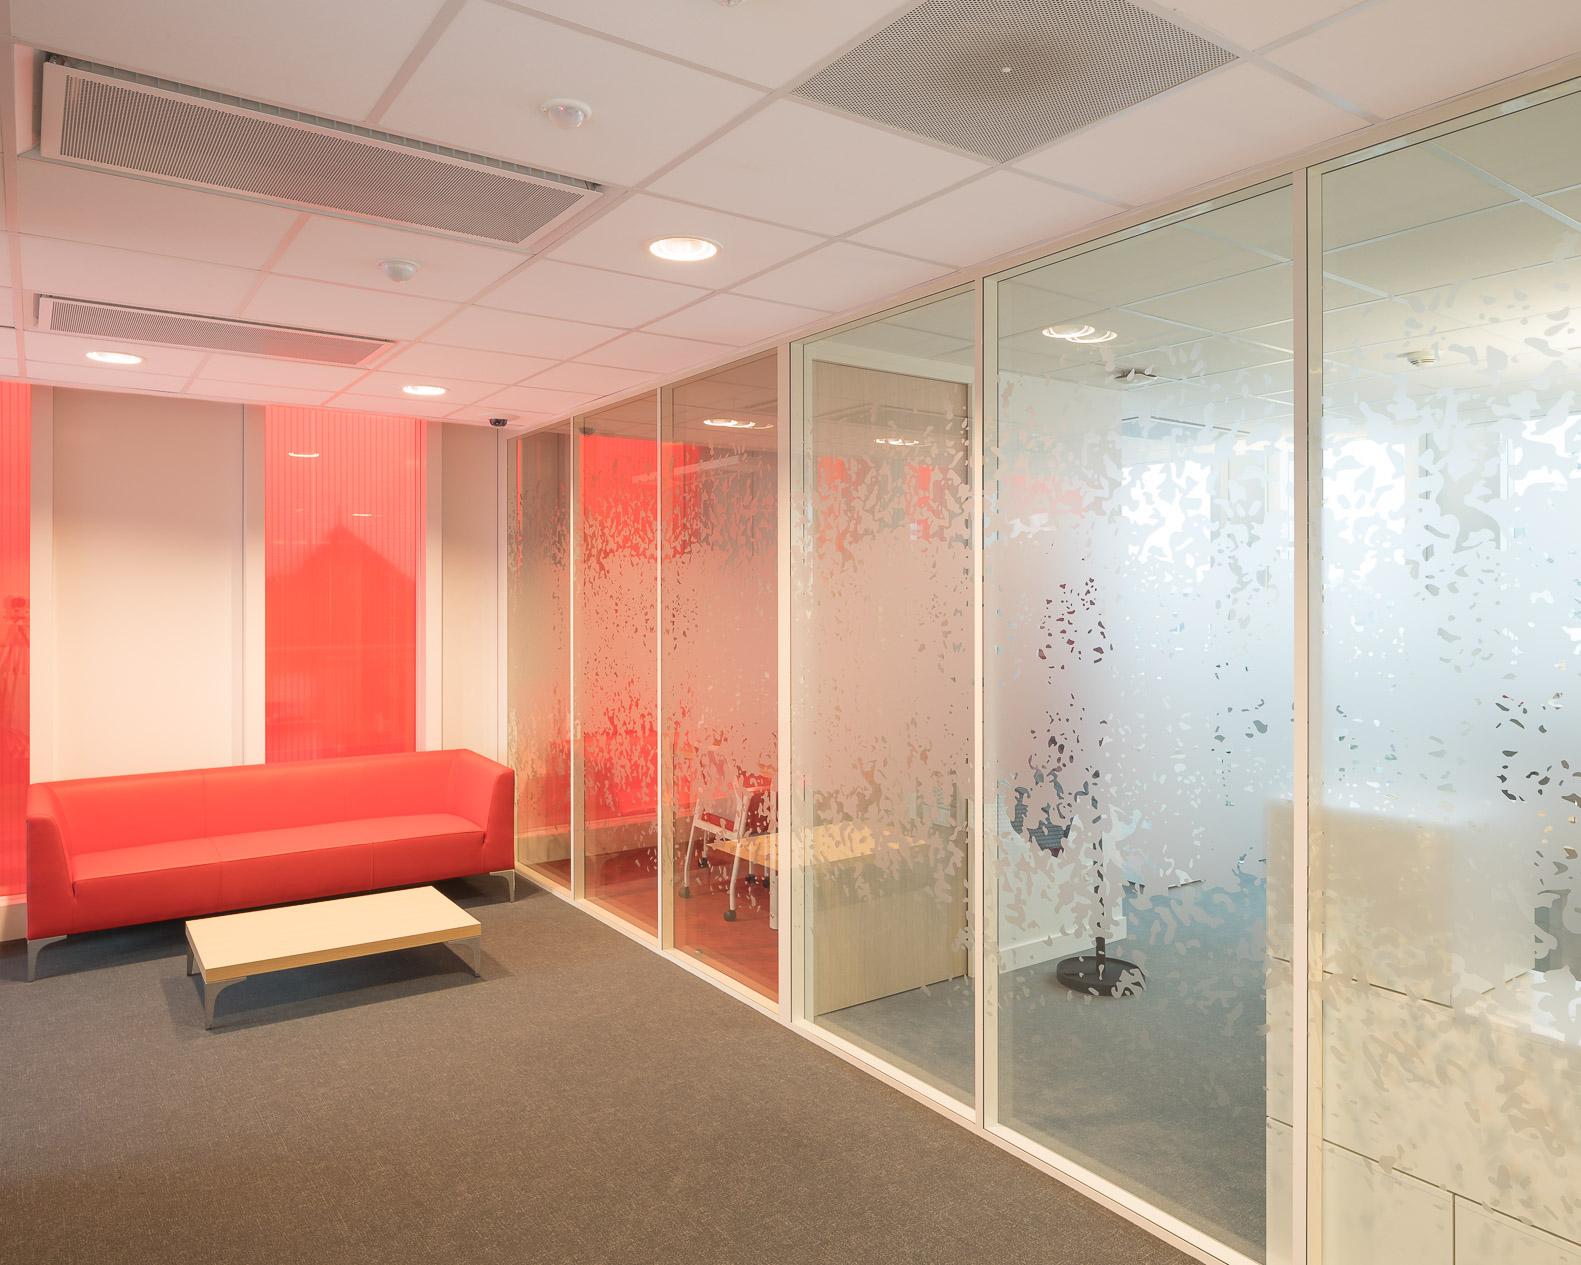 cloisons siège bancaire - Cloison acoustique H7 siège bancaire cloisons amovibles à ossature aluminium hOyez partitionsystems